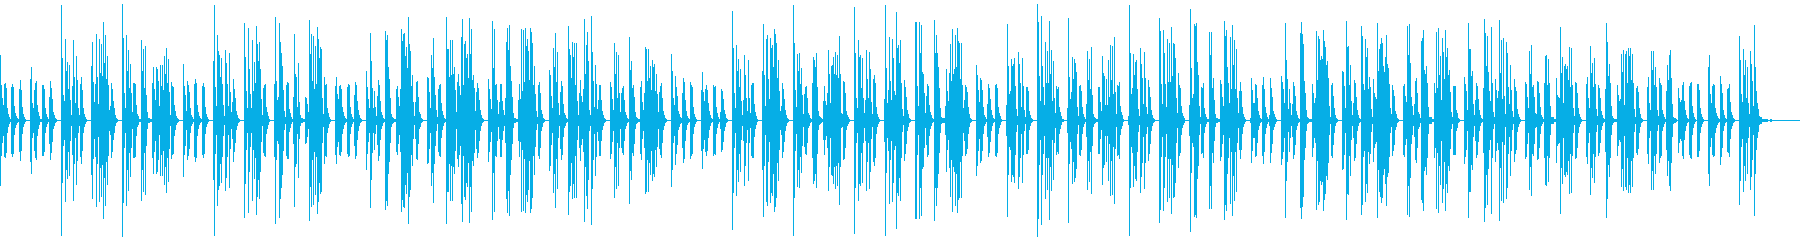 ゆるっとほのぼの日常系、素朴な音色、自然の再生済みの波形